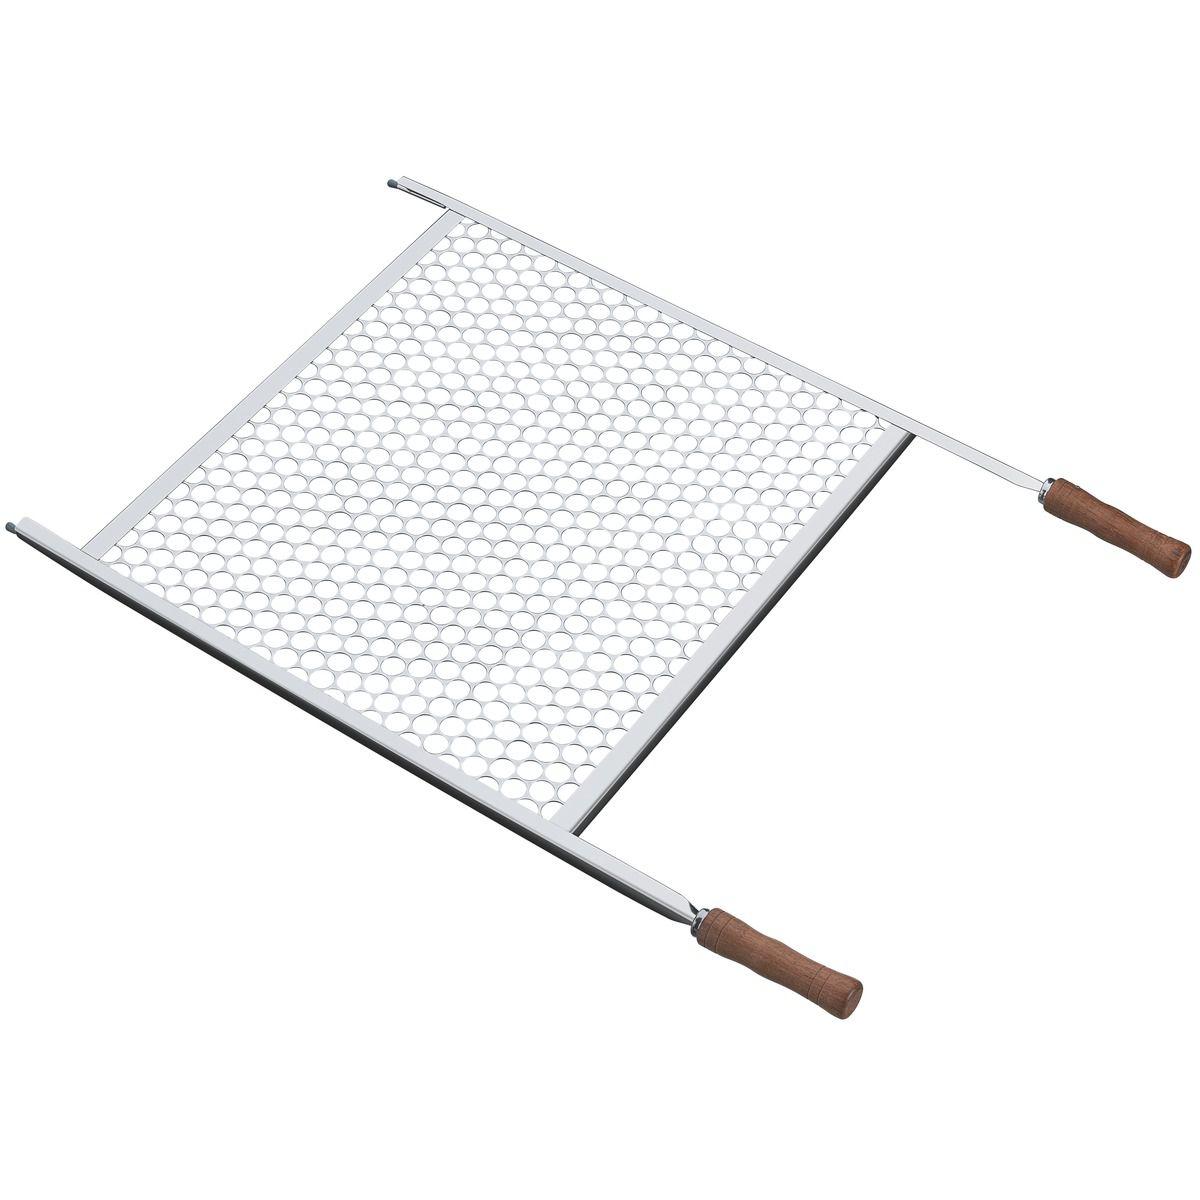 Grelha de aço inox 26490/003 | Lojas Estrela